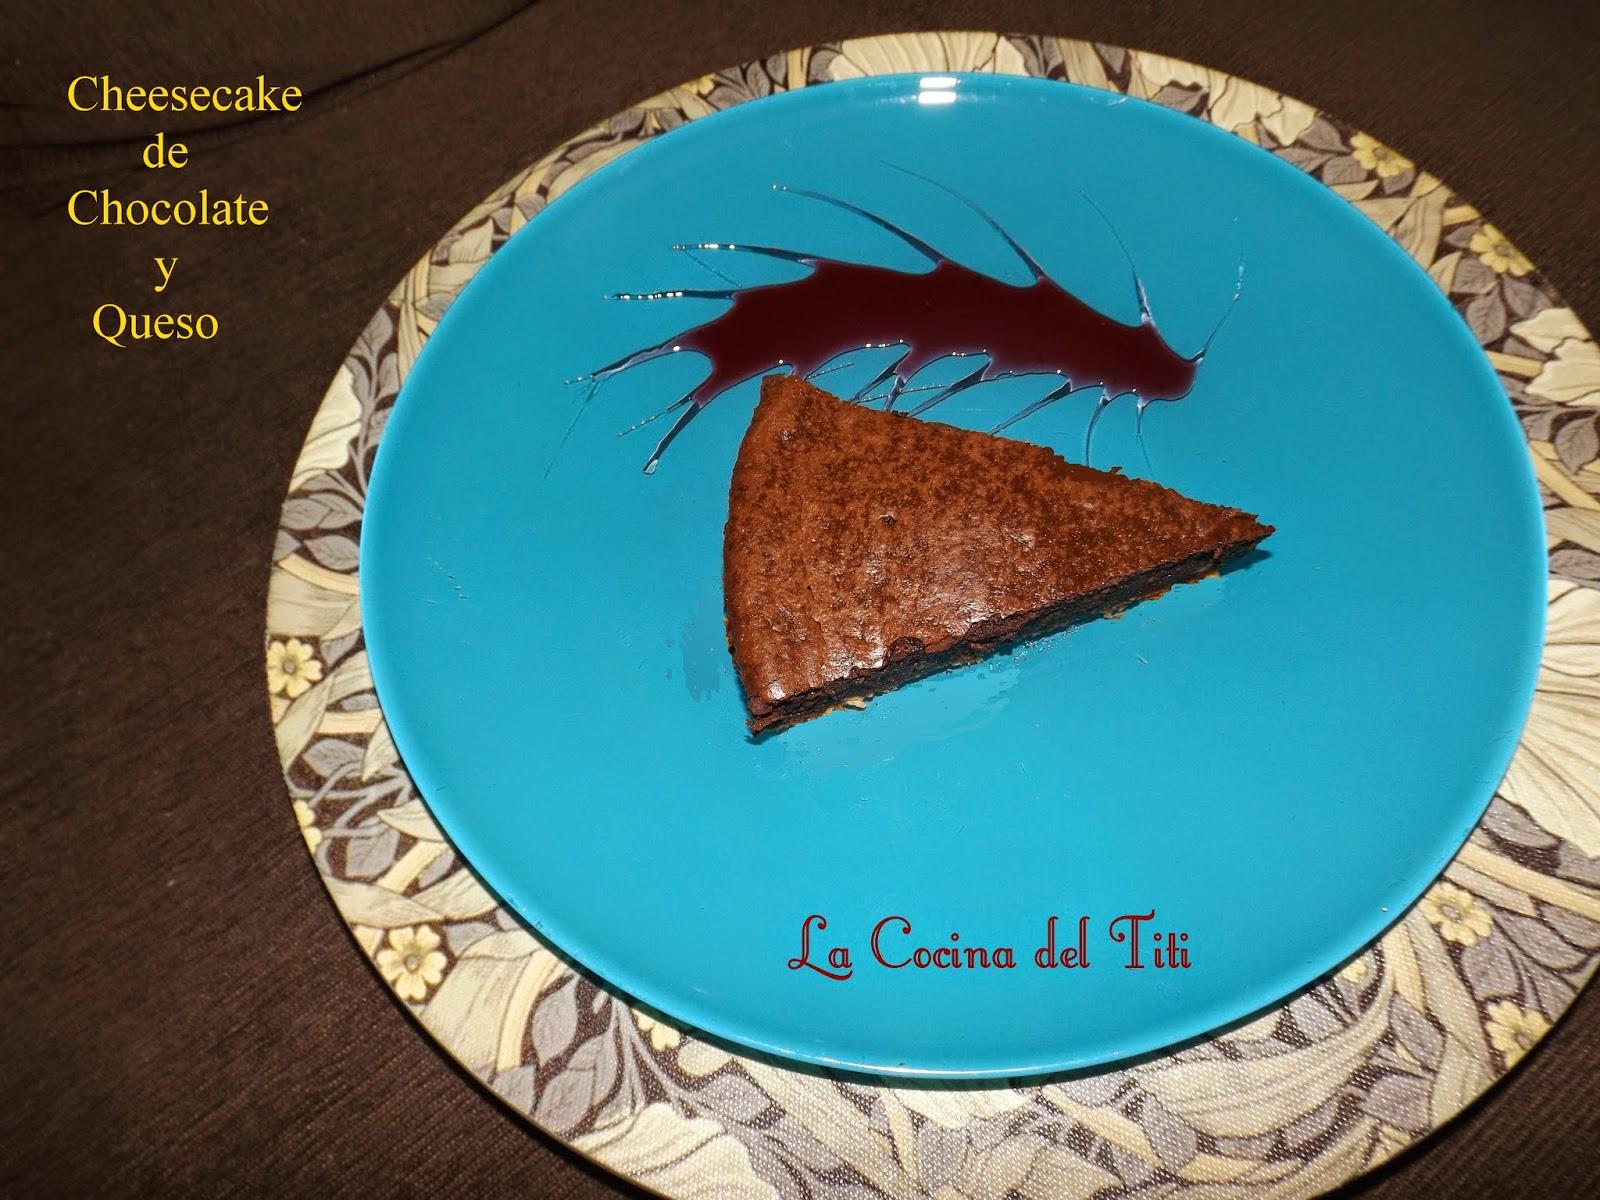 Cheesecake de C...